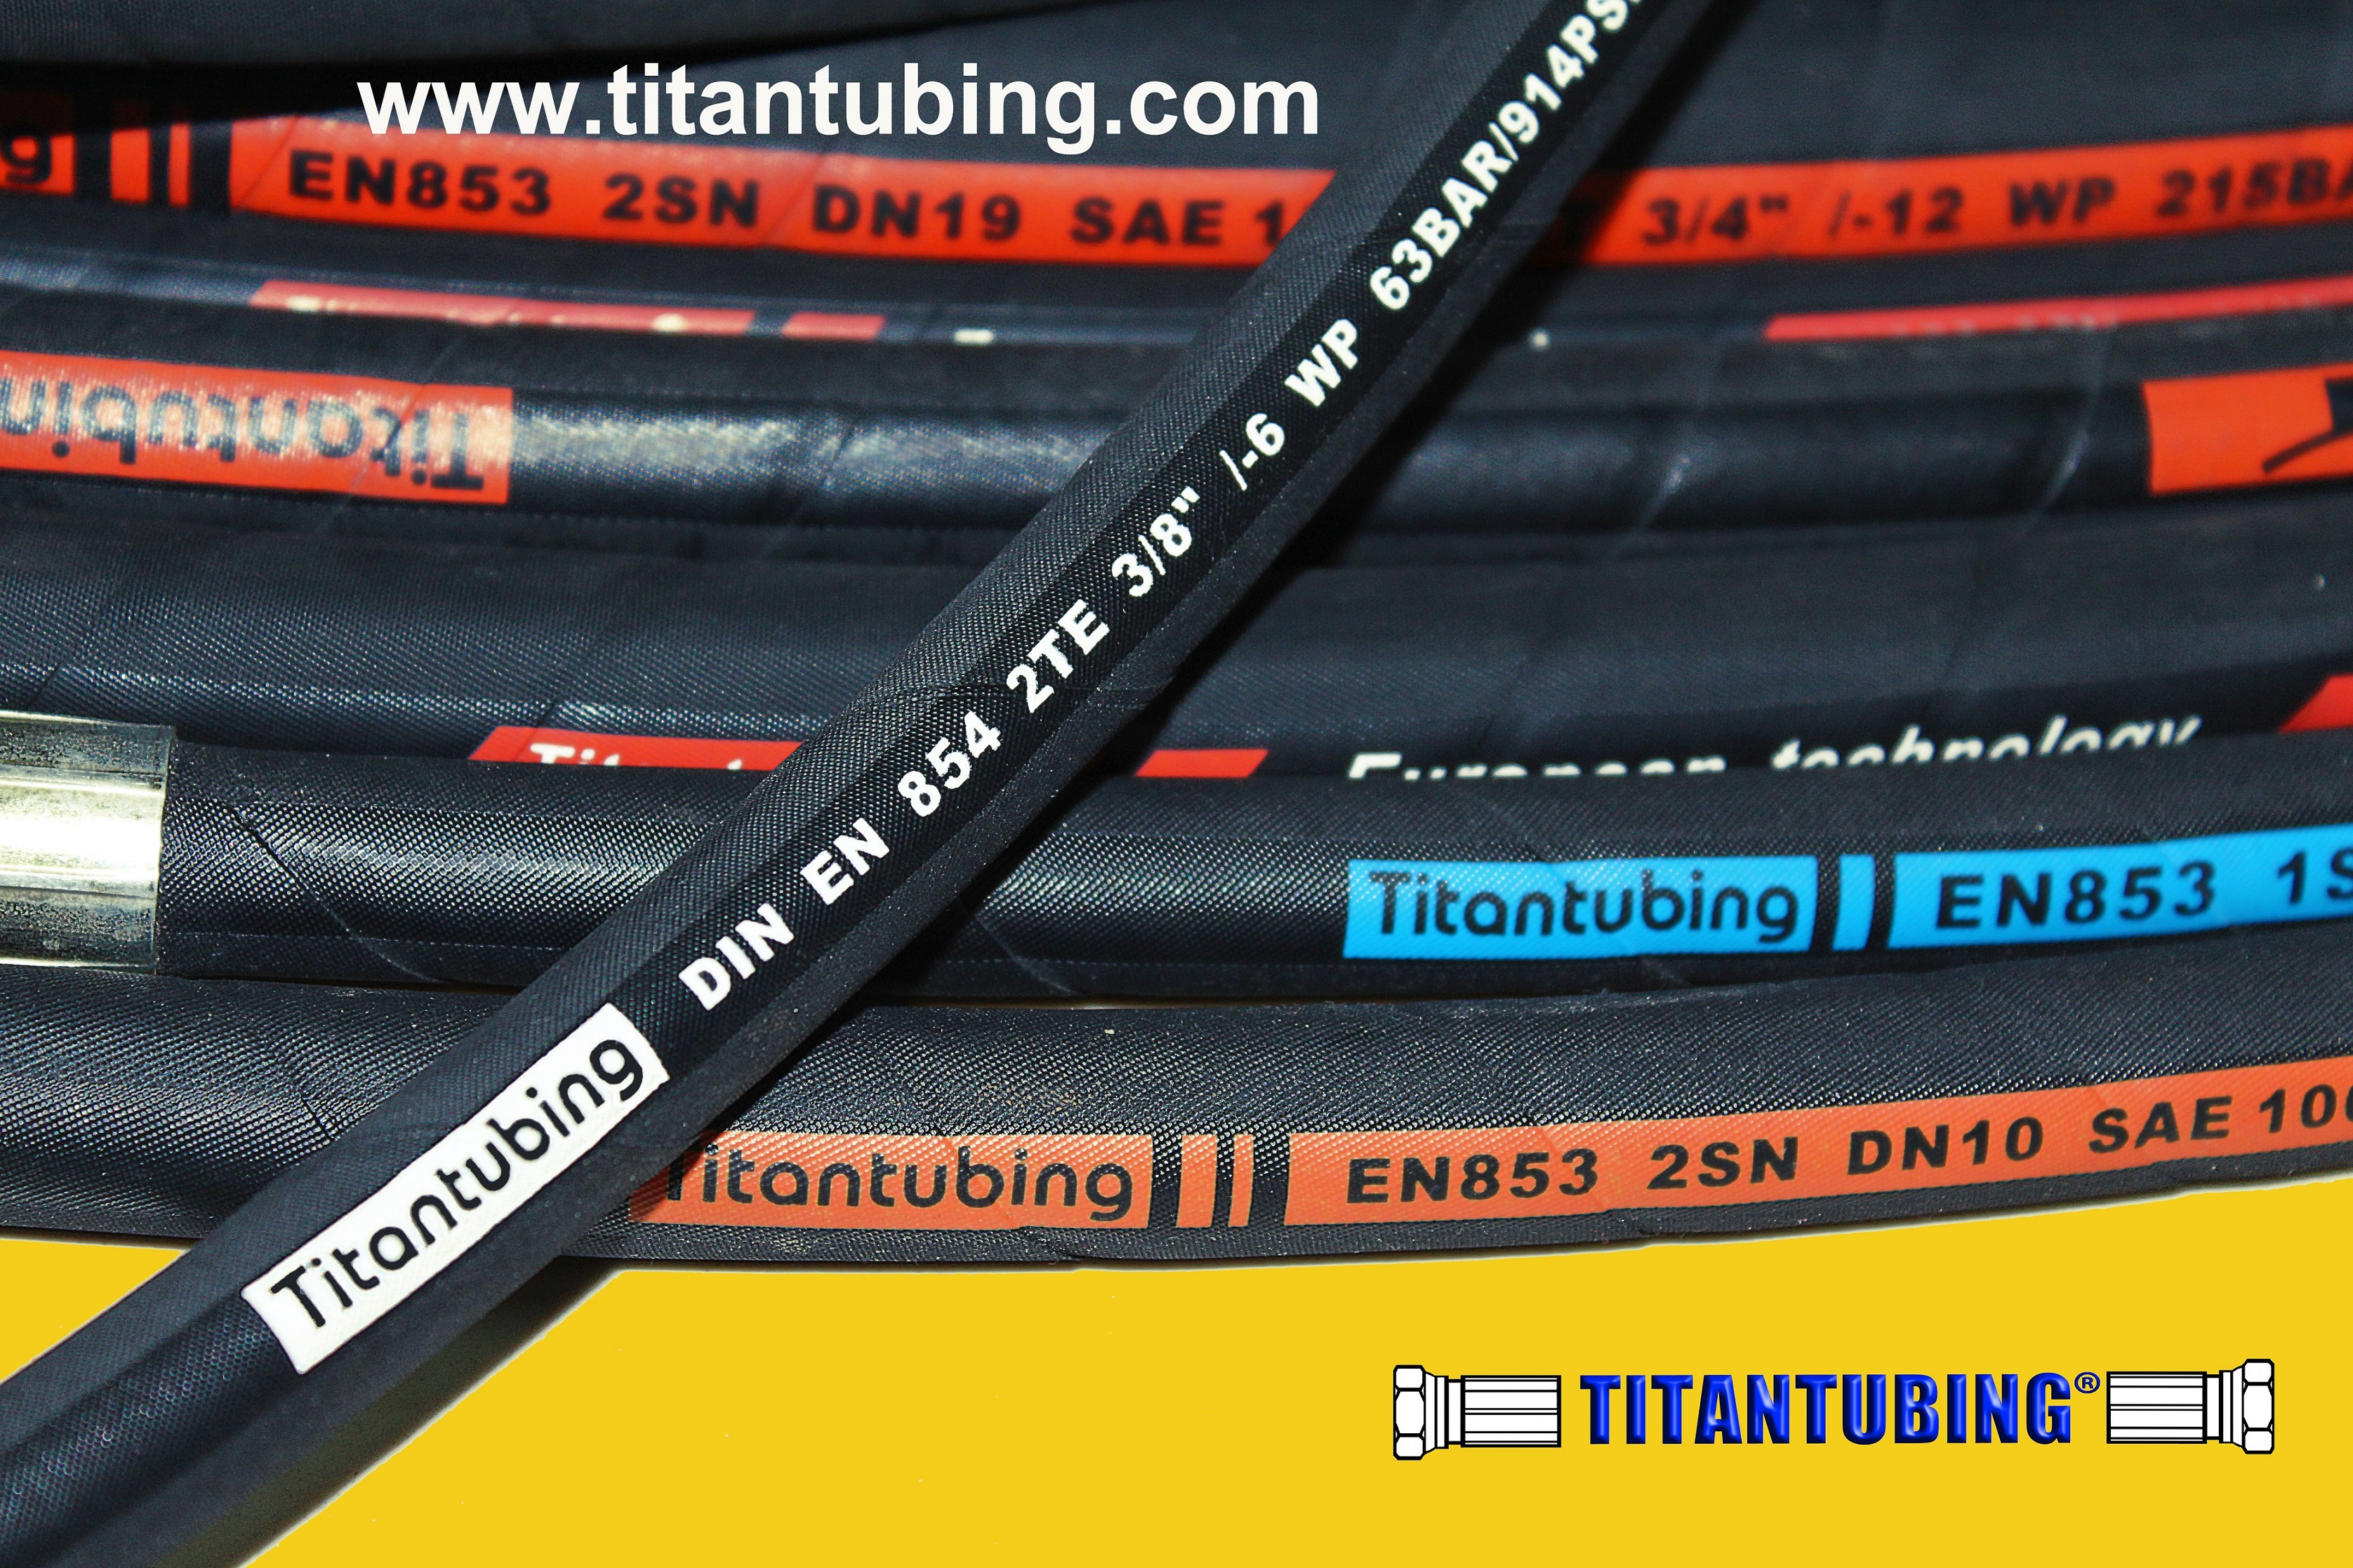 广州橡胶管厂家  橡胶管Rubber hose 橡胶防爆软管厂家 hydraulic hose 橡胶液压管